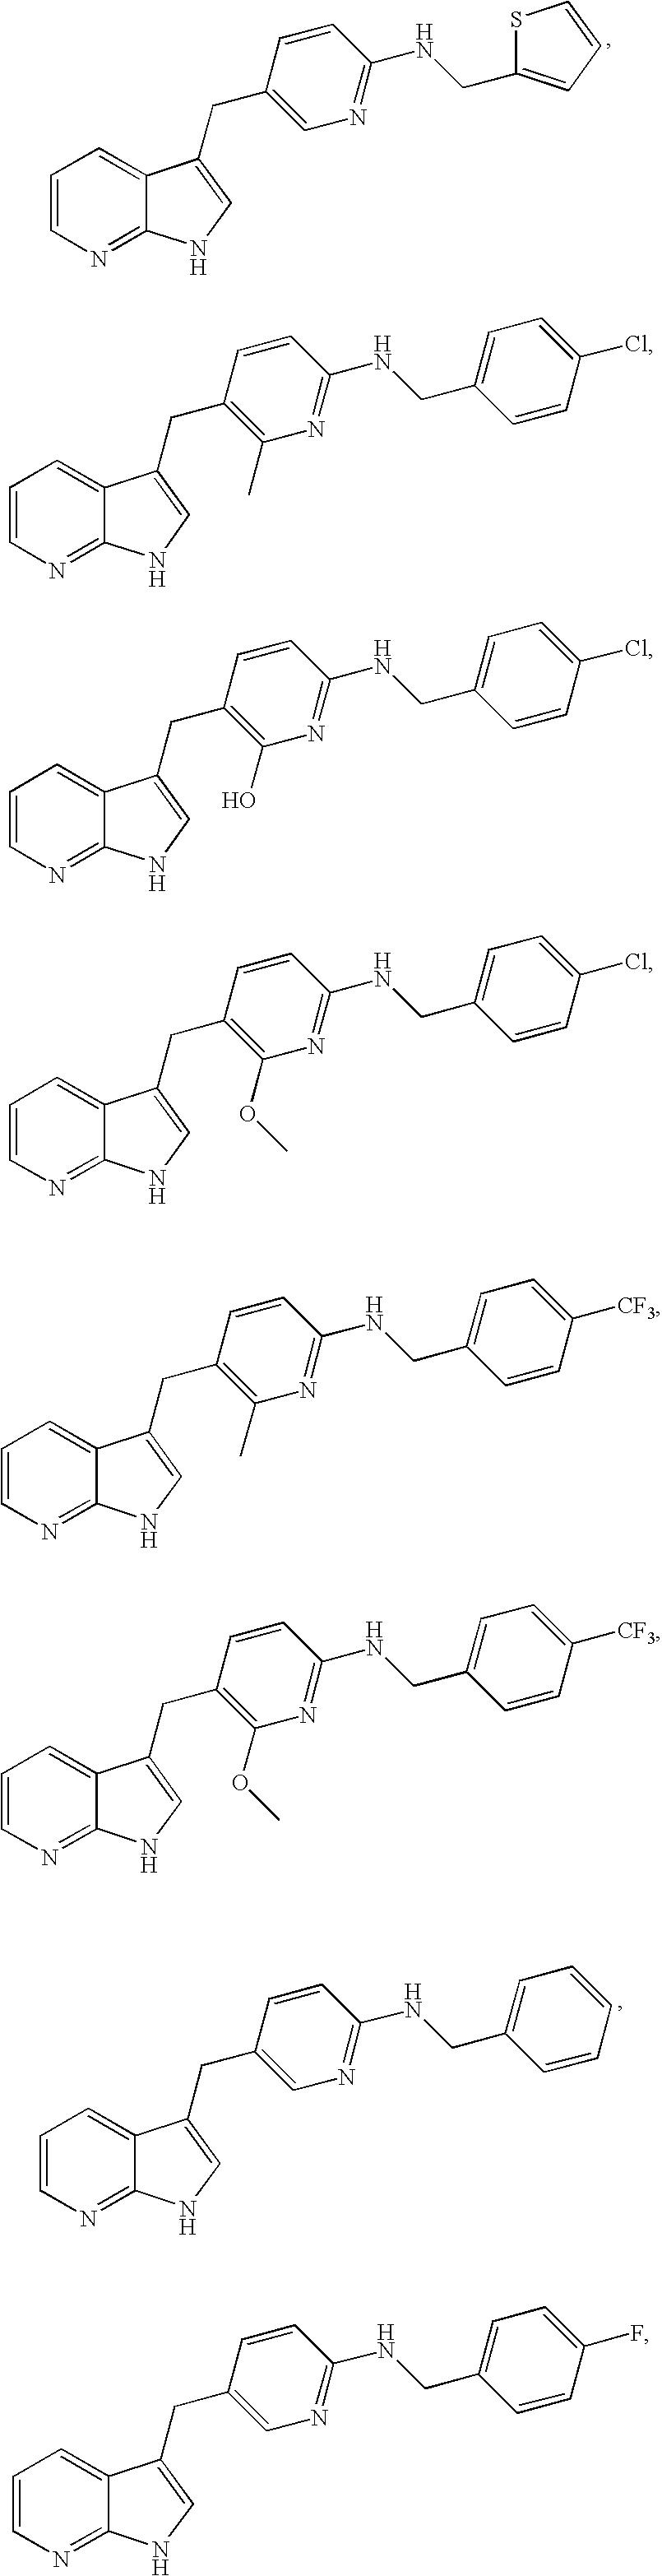 Figure US07893075-20110222-C00042